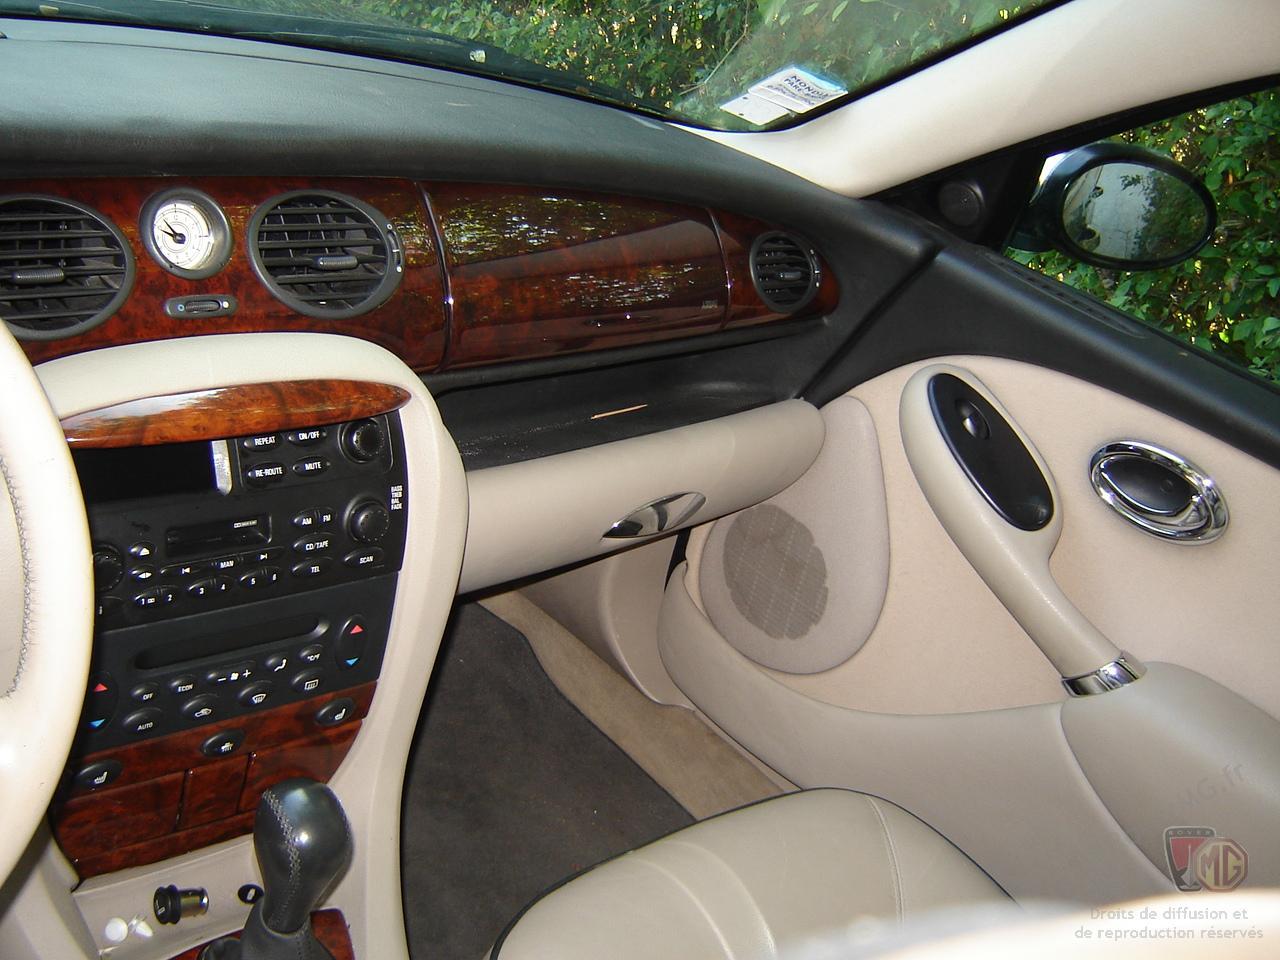 VENDU] - Rover 75 v6 en panne